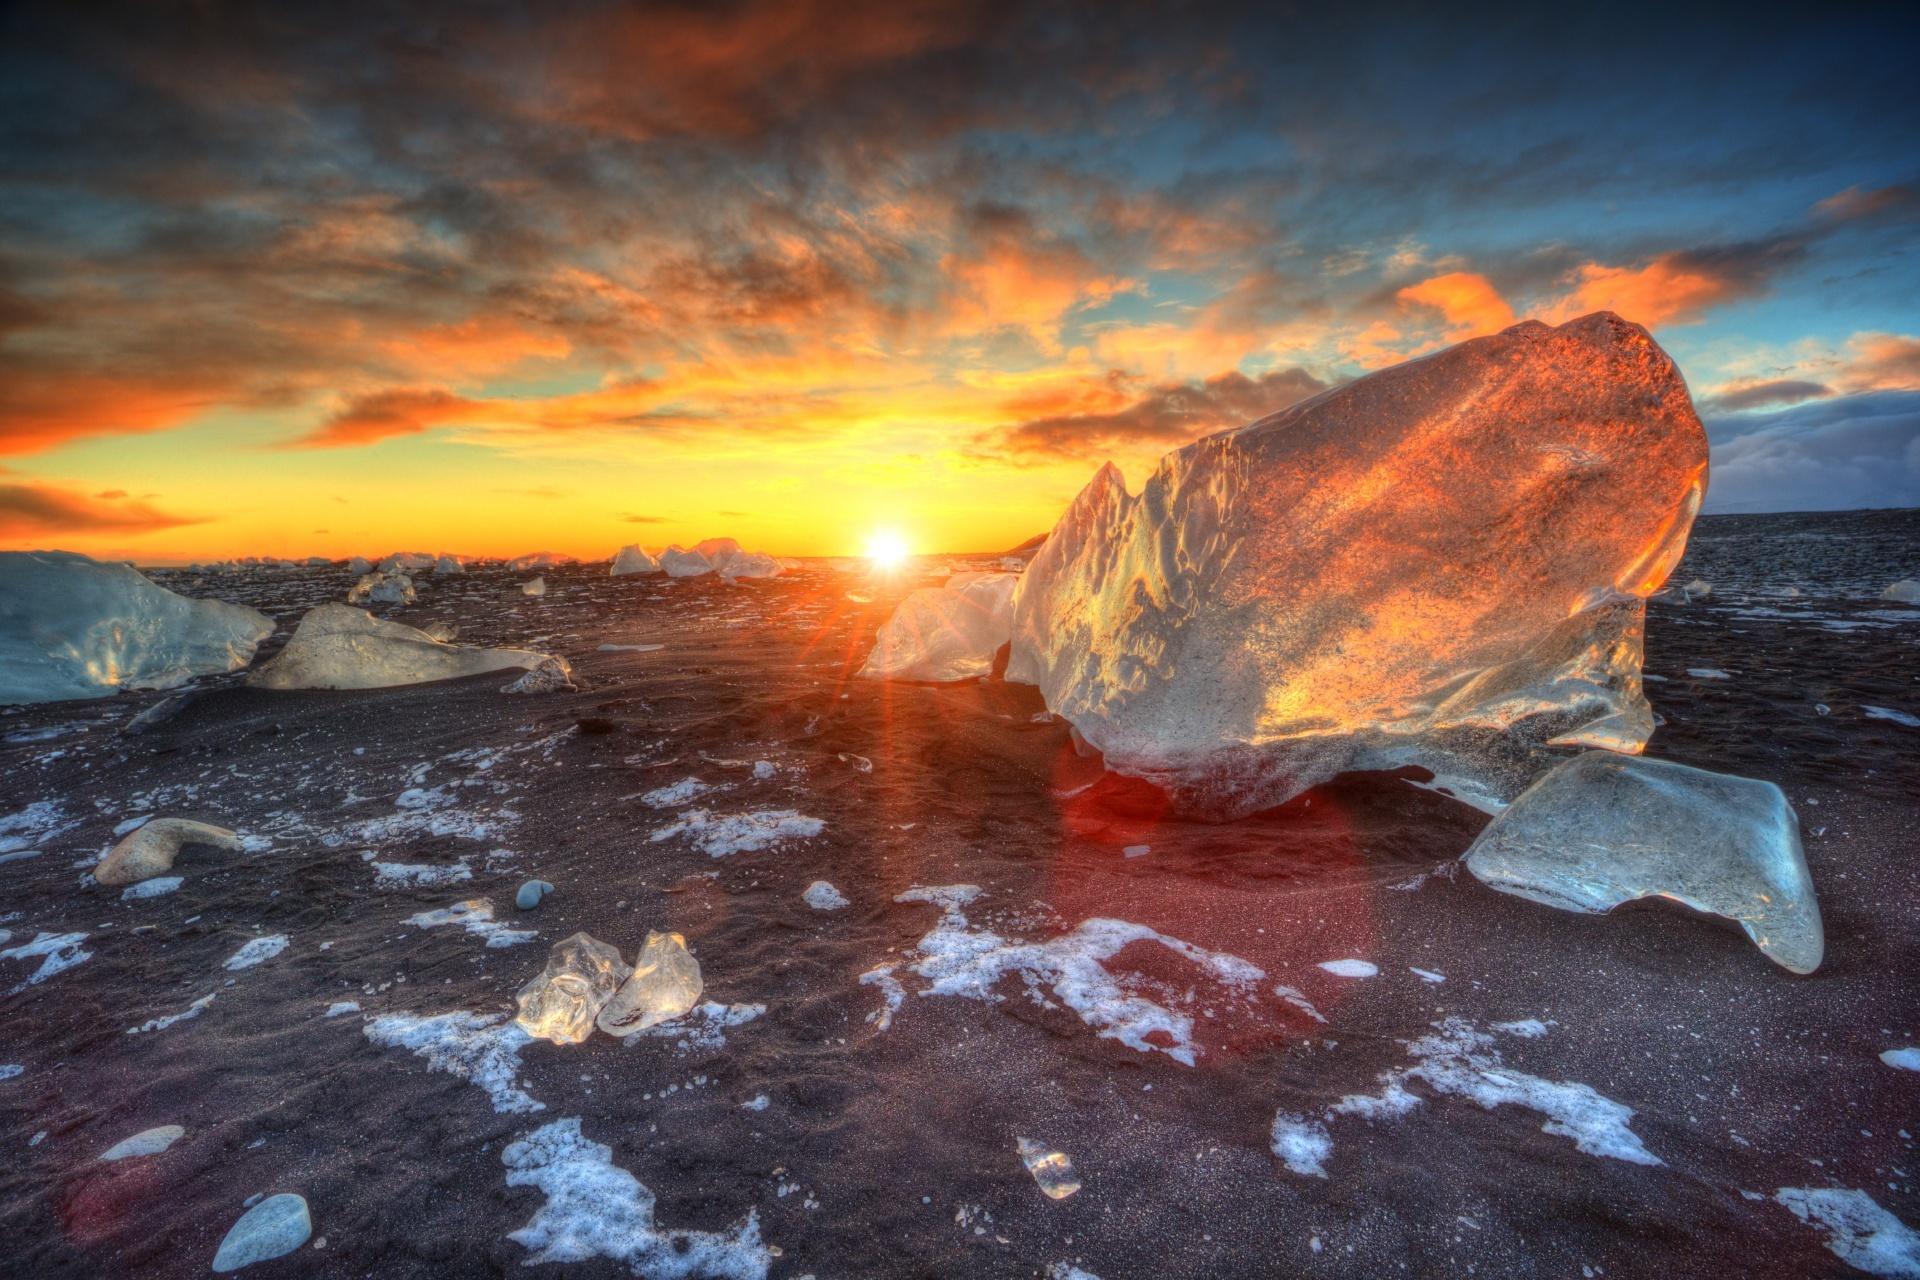 夕陽とダイヤモンドビーチ アイスランドの風景